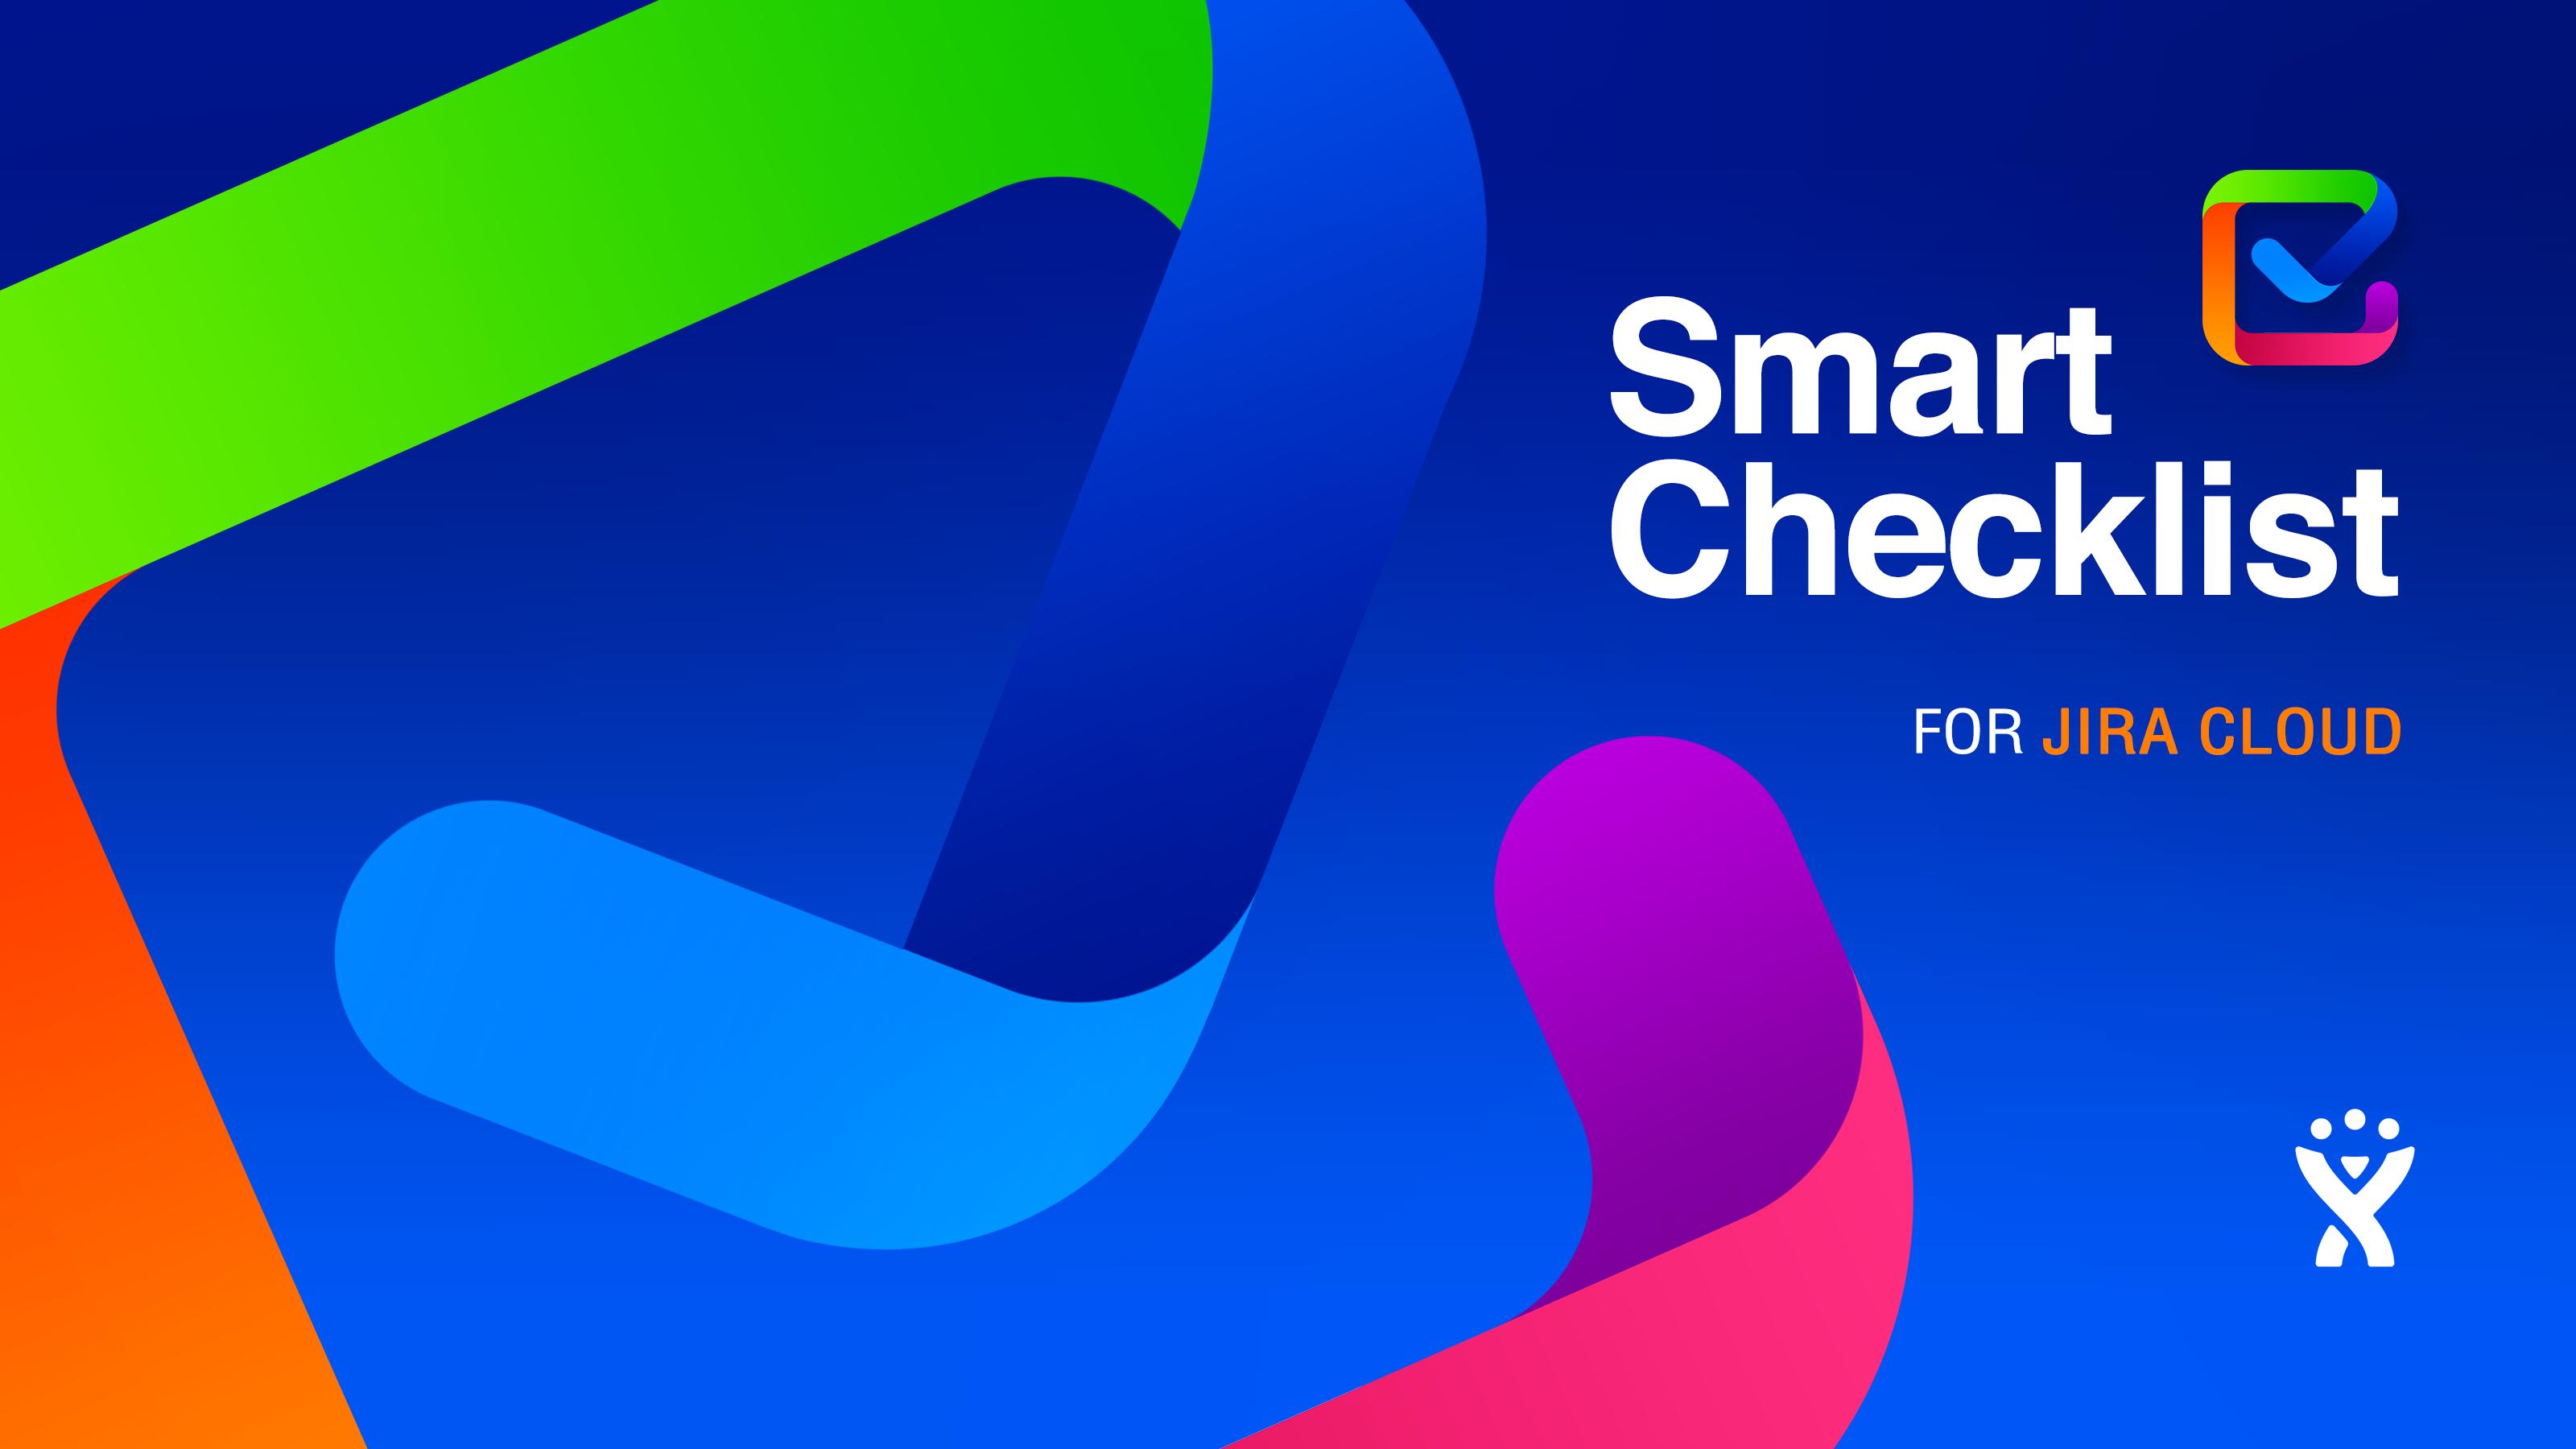 smart checklist for jira cover